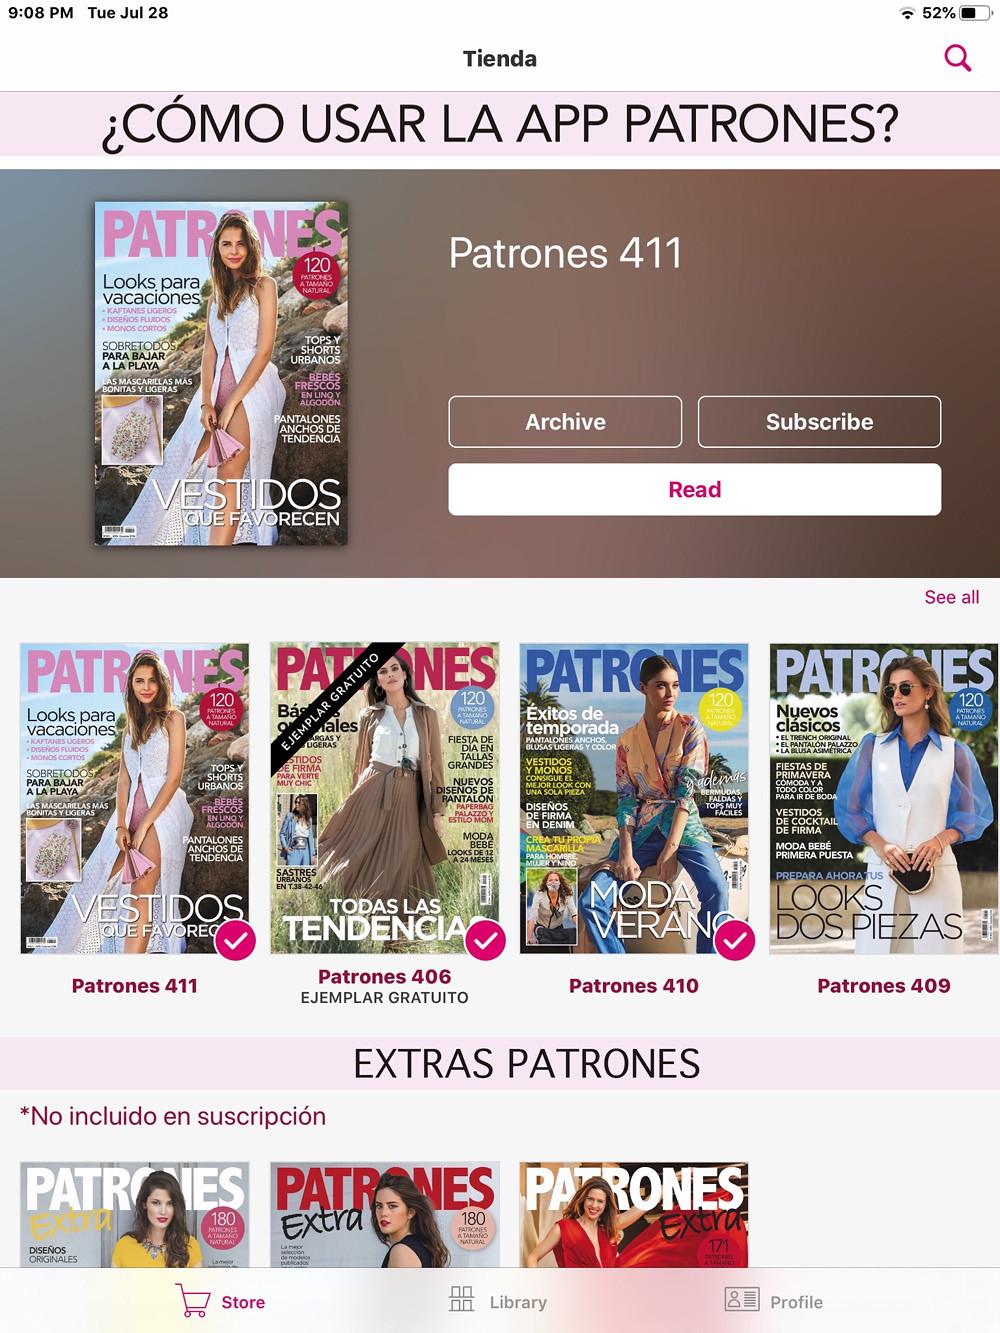 Patrones app page